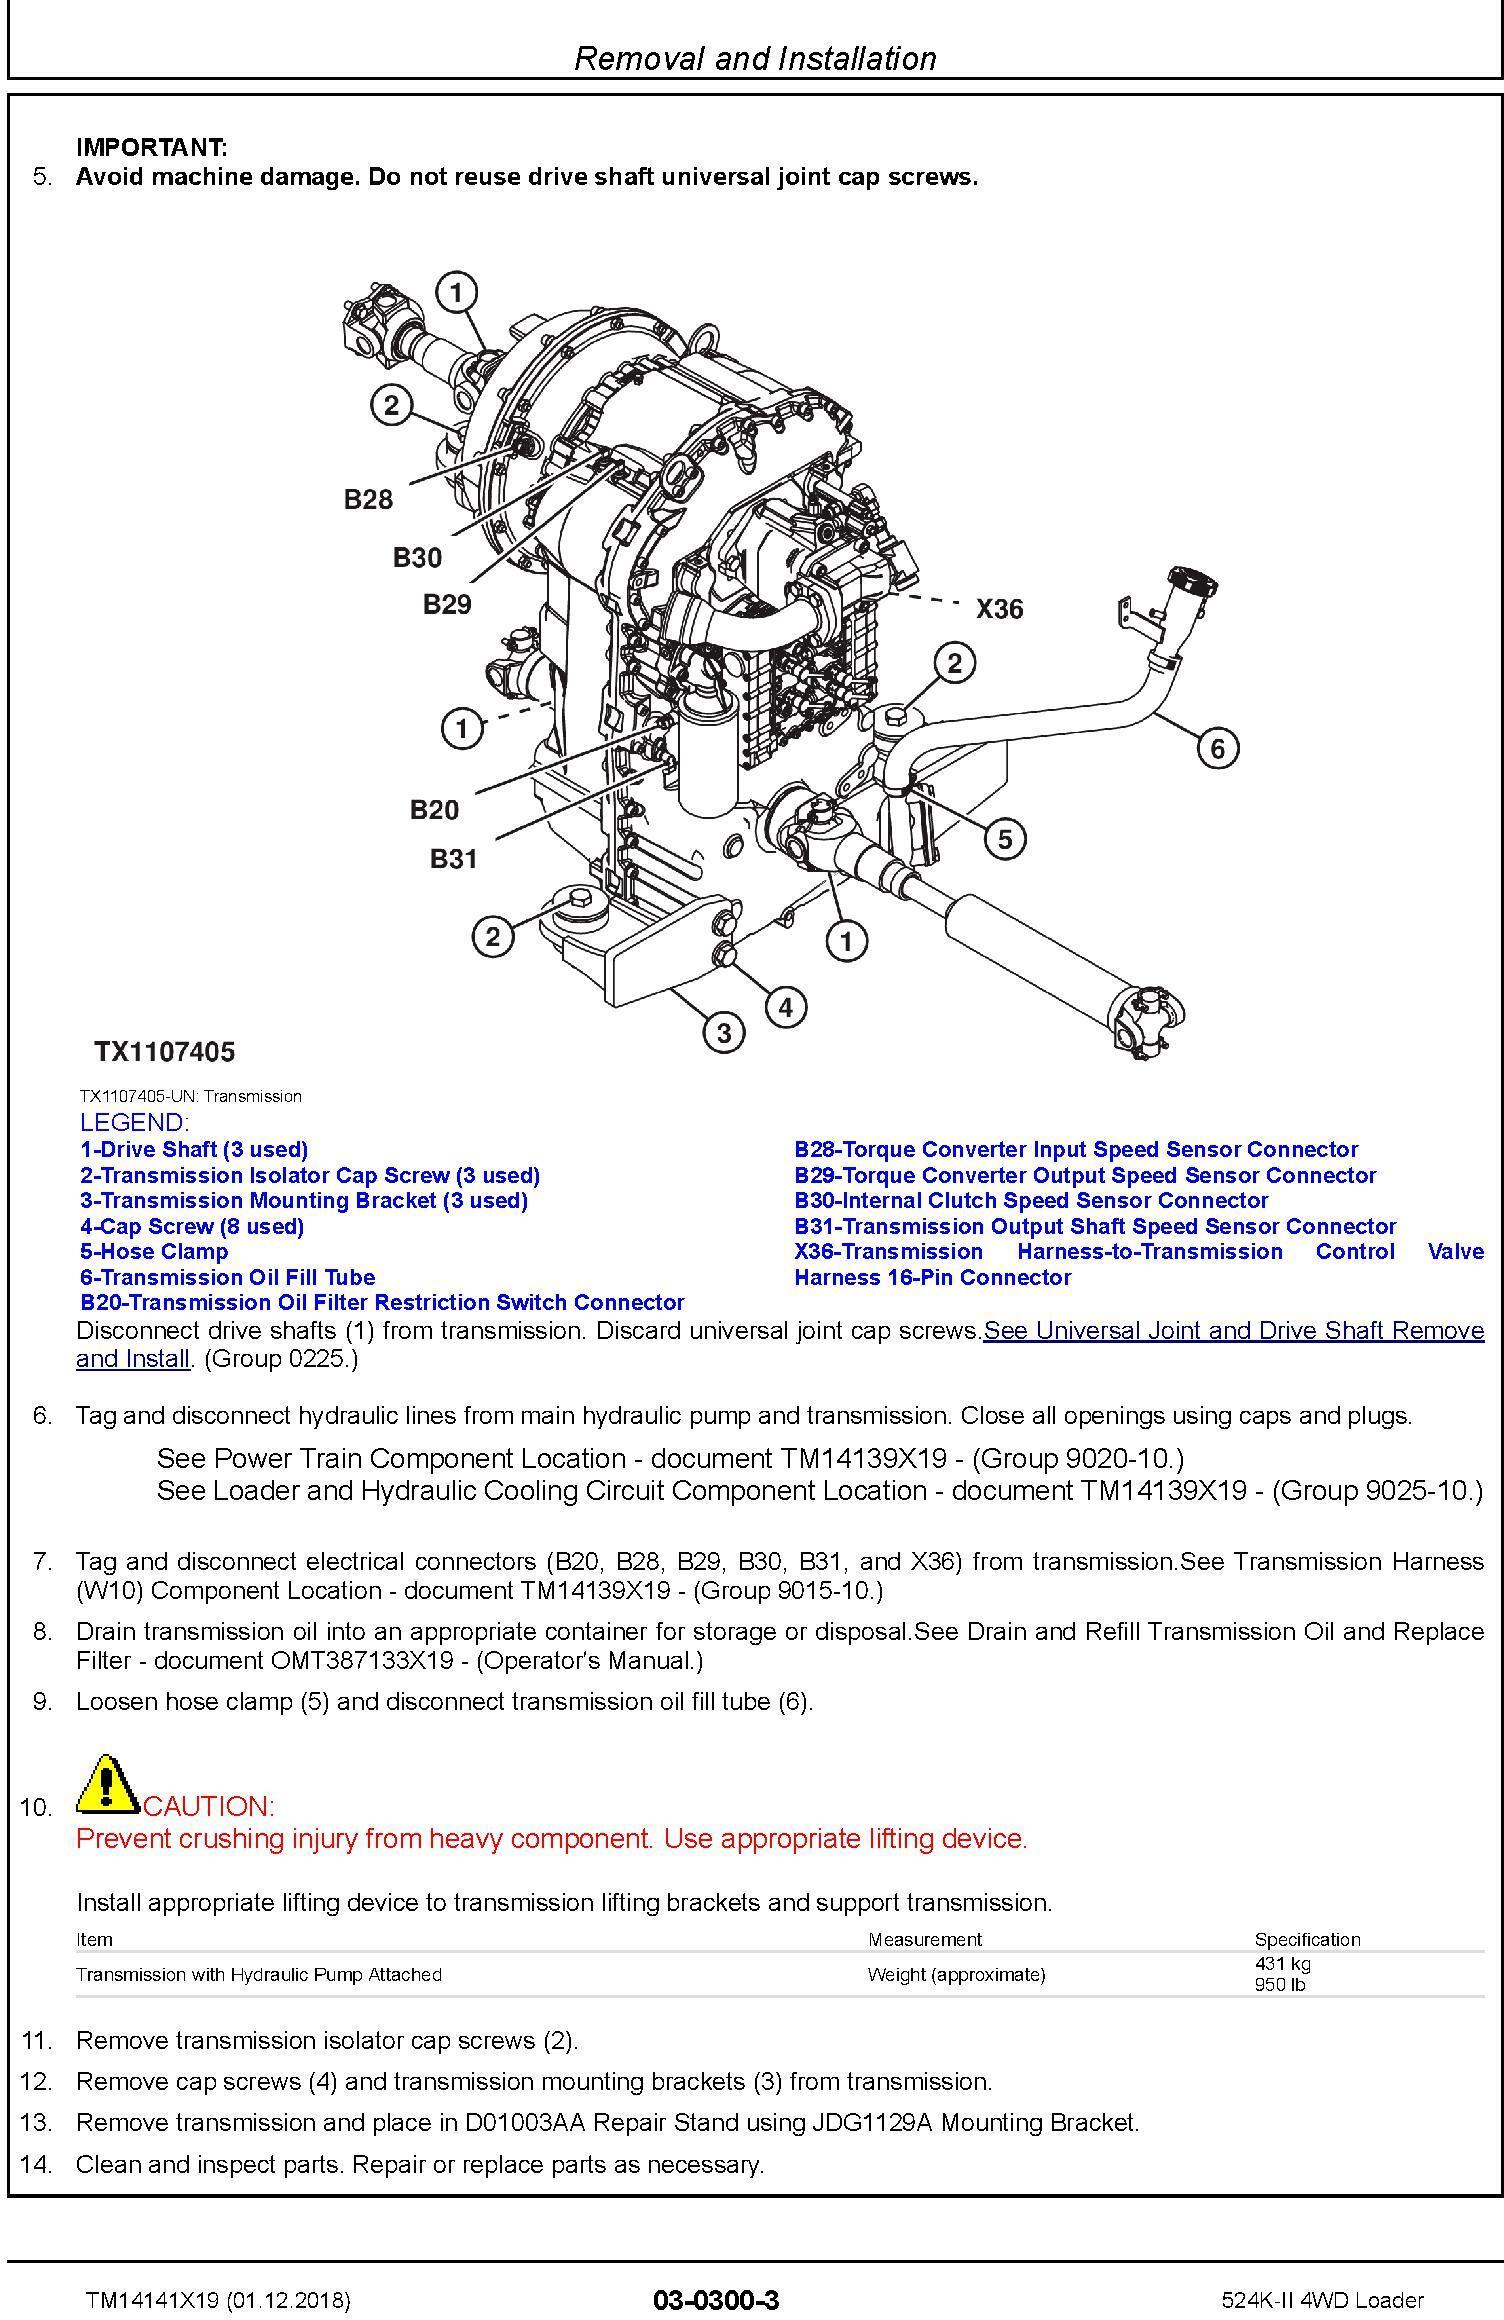 John Deere 524K-II (SN. D677549-) 4WD Loader Repair Technical Service Manual (TM14141X19) - 1